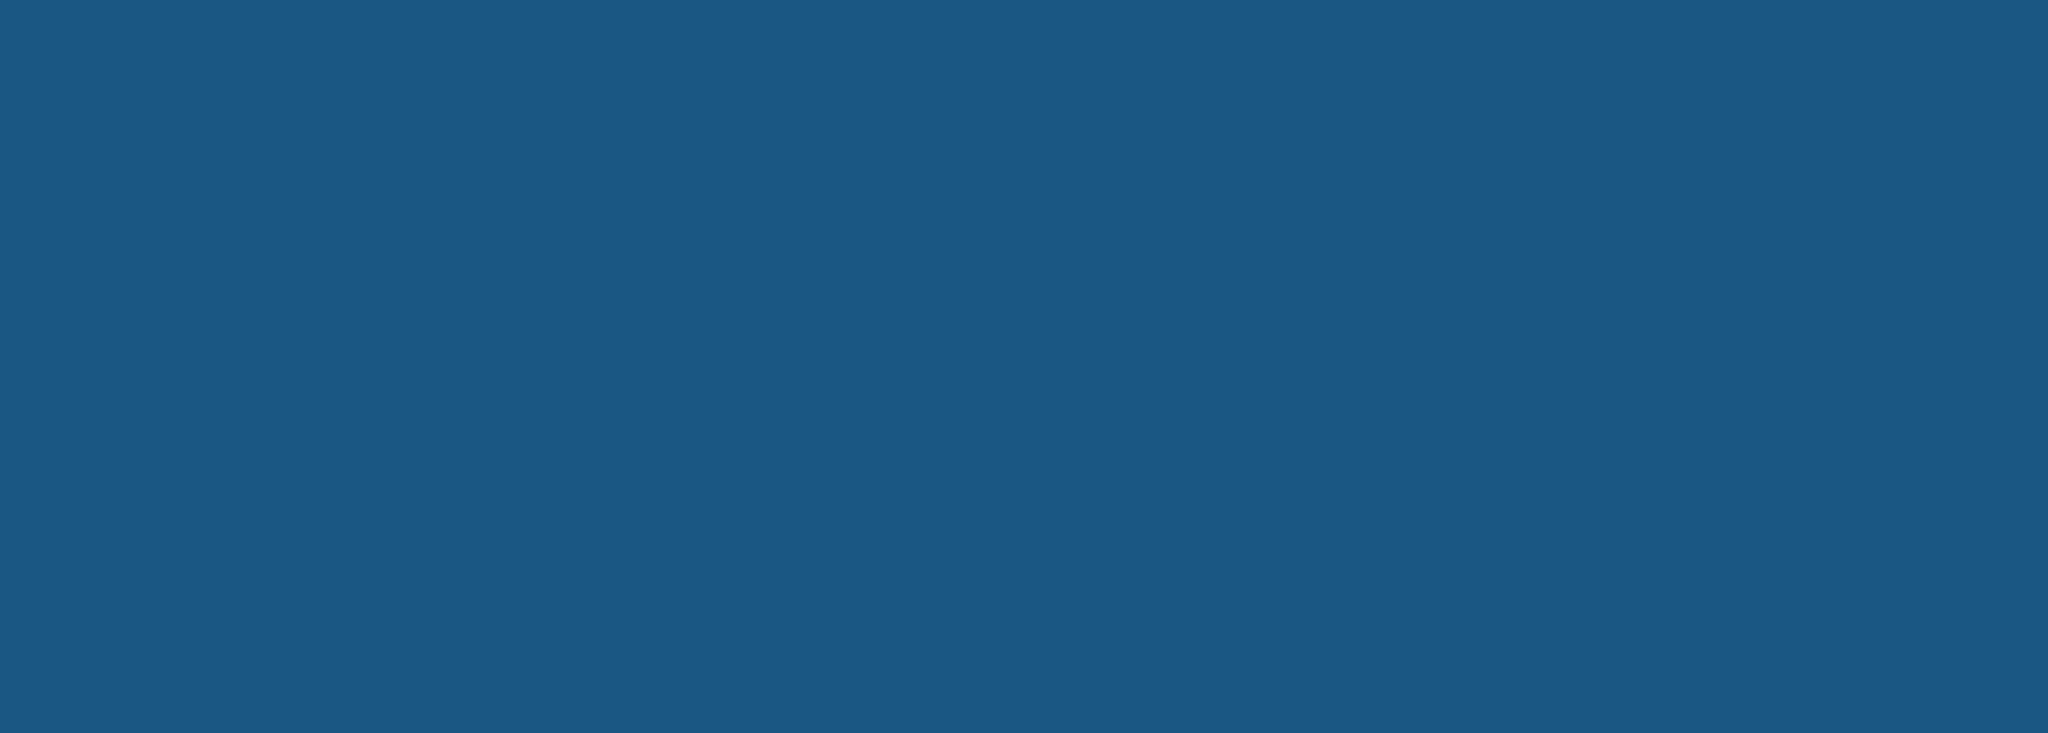 Leadoo – Conversion Platform